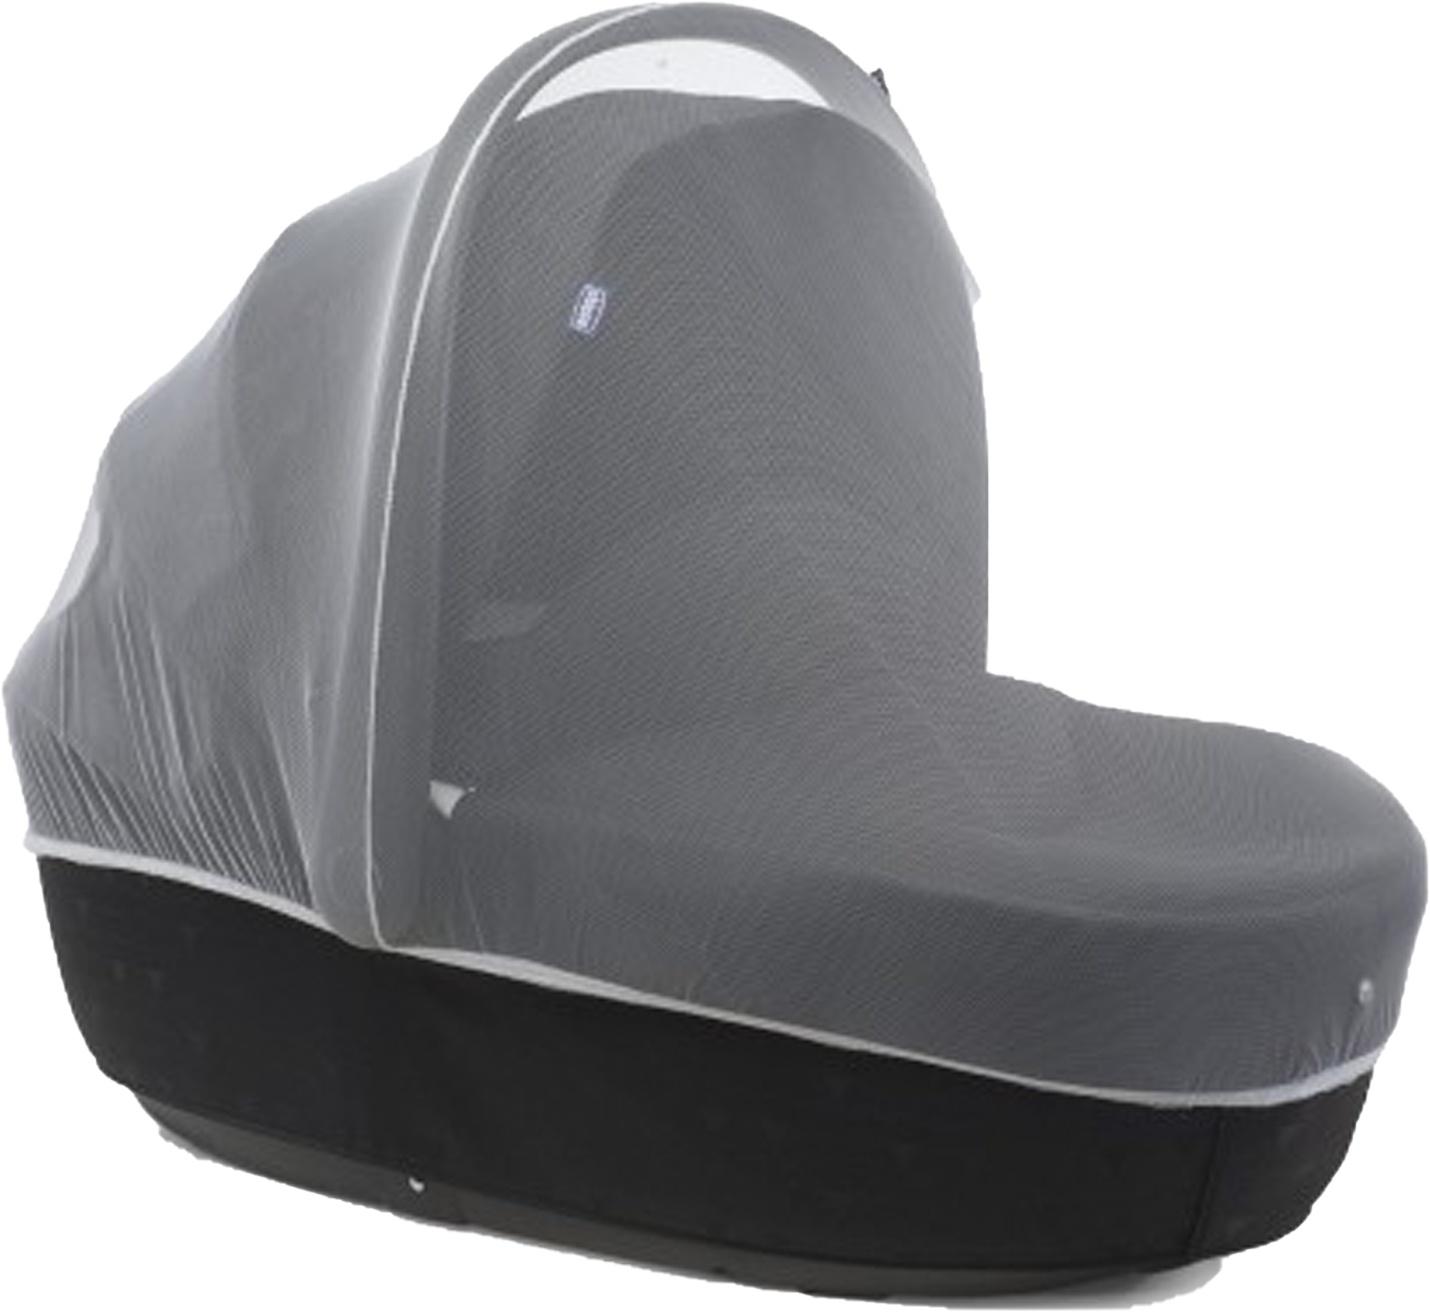 Аксессуар для колясок Chicco 66813